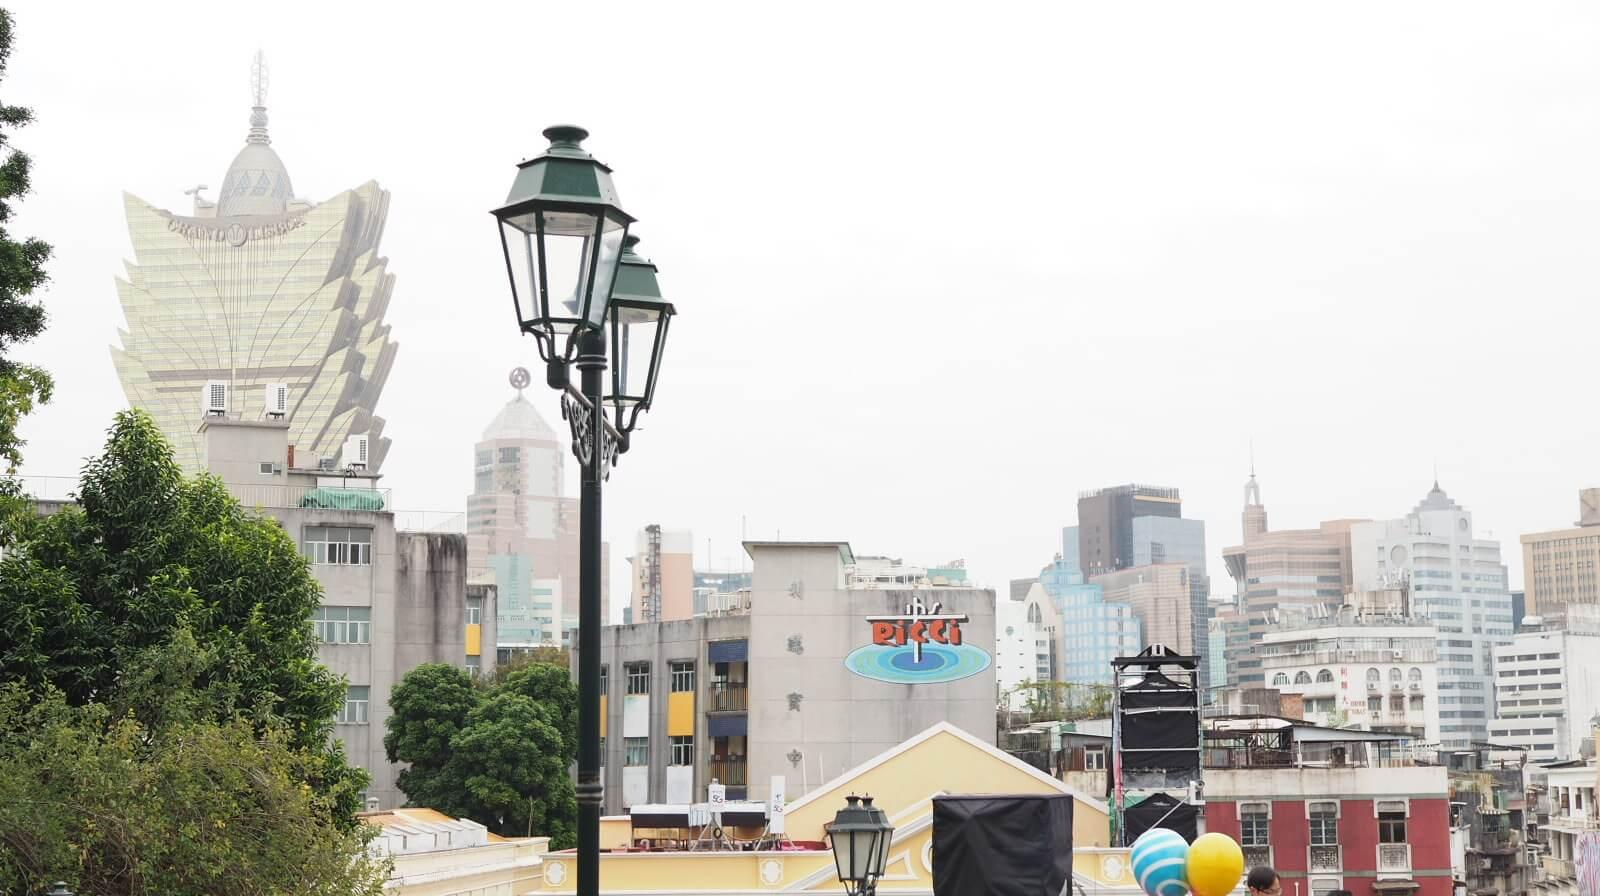 中国本土からマカオへの観光が段階的解禁(8/12-) 1,000万元以上のクーポン発行!日本人の入境は依然不可…